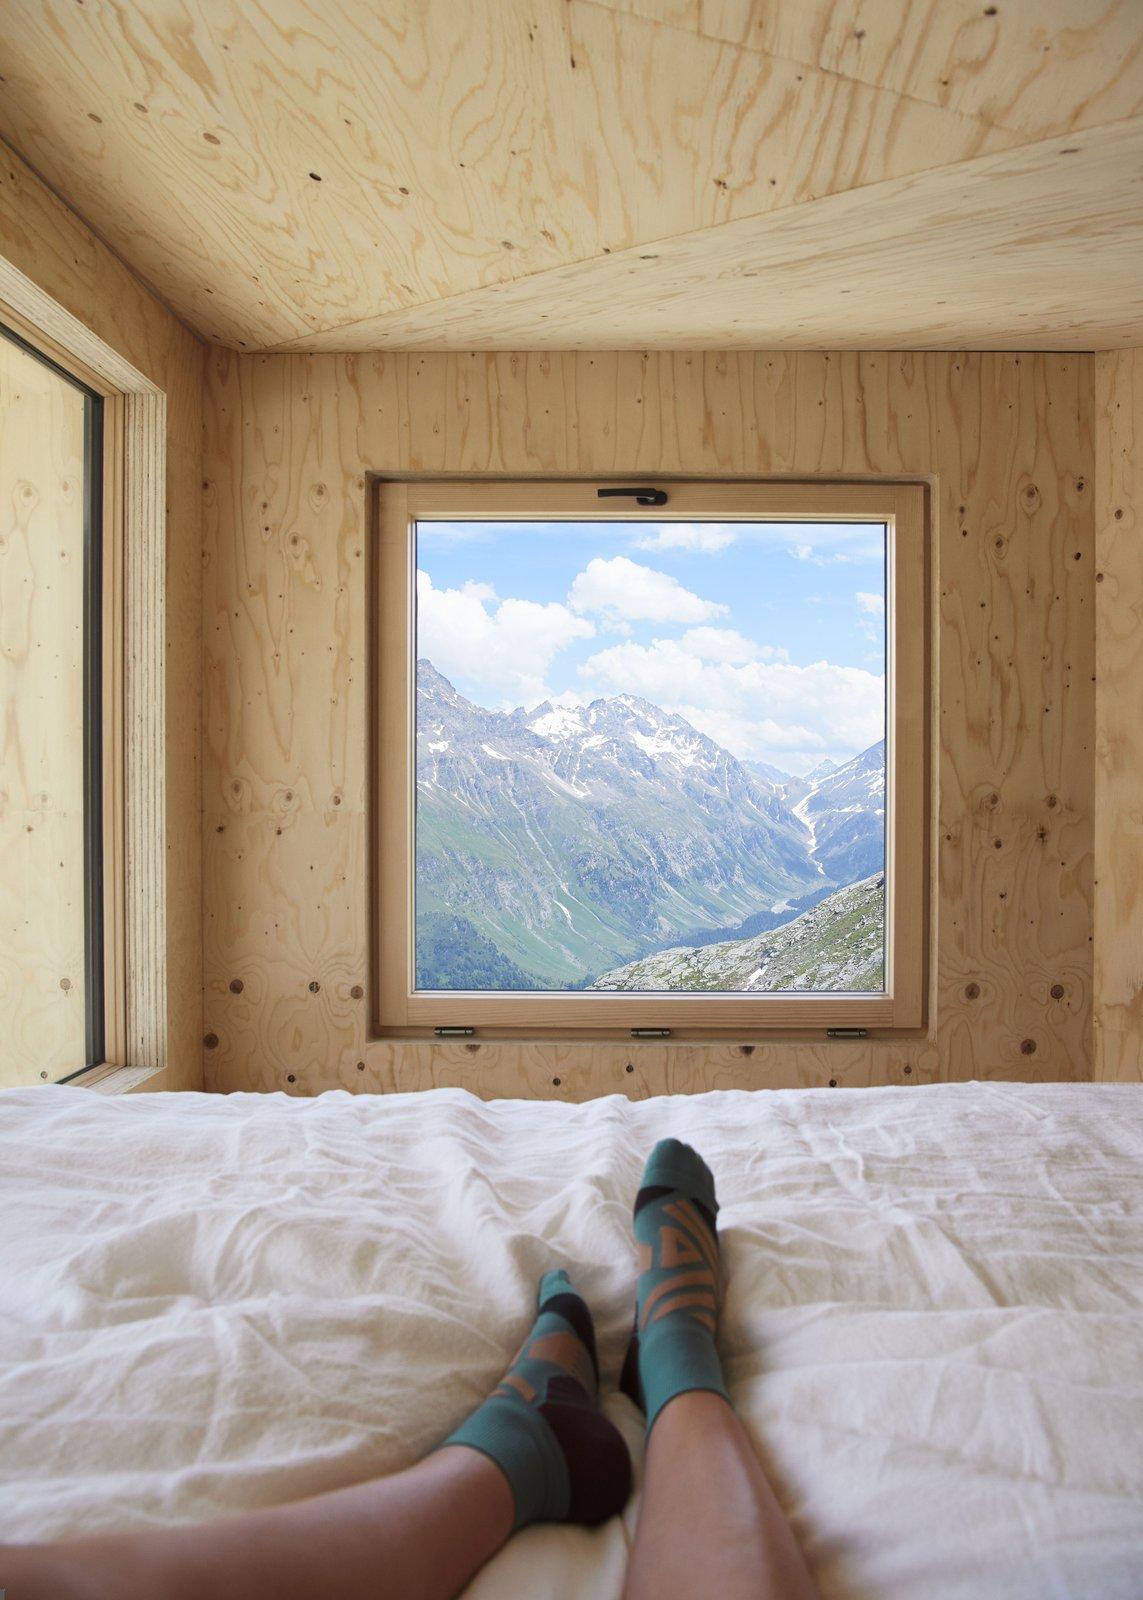 On Mountain Hut bedroom